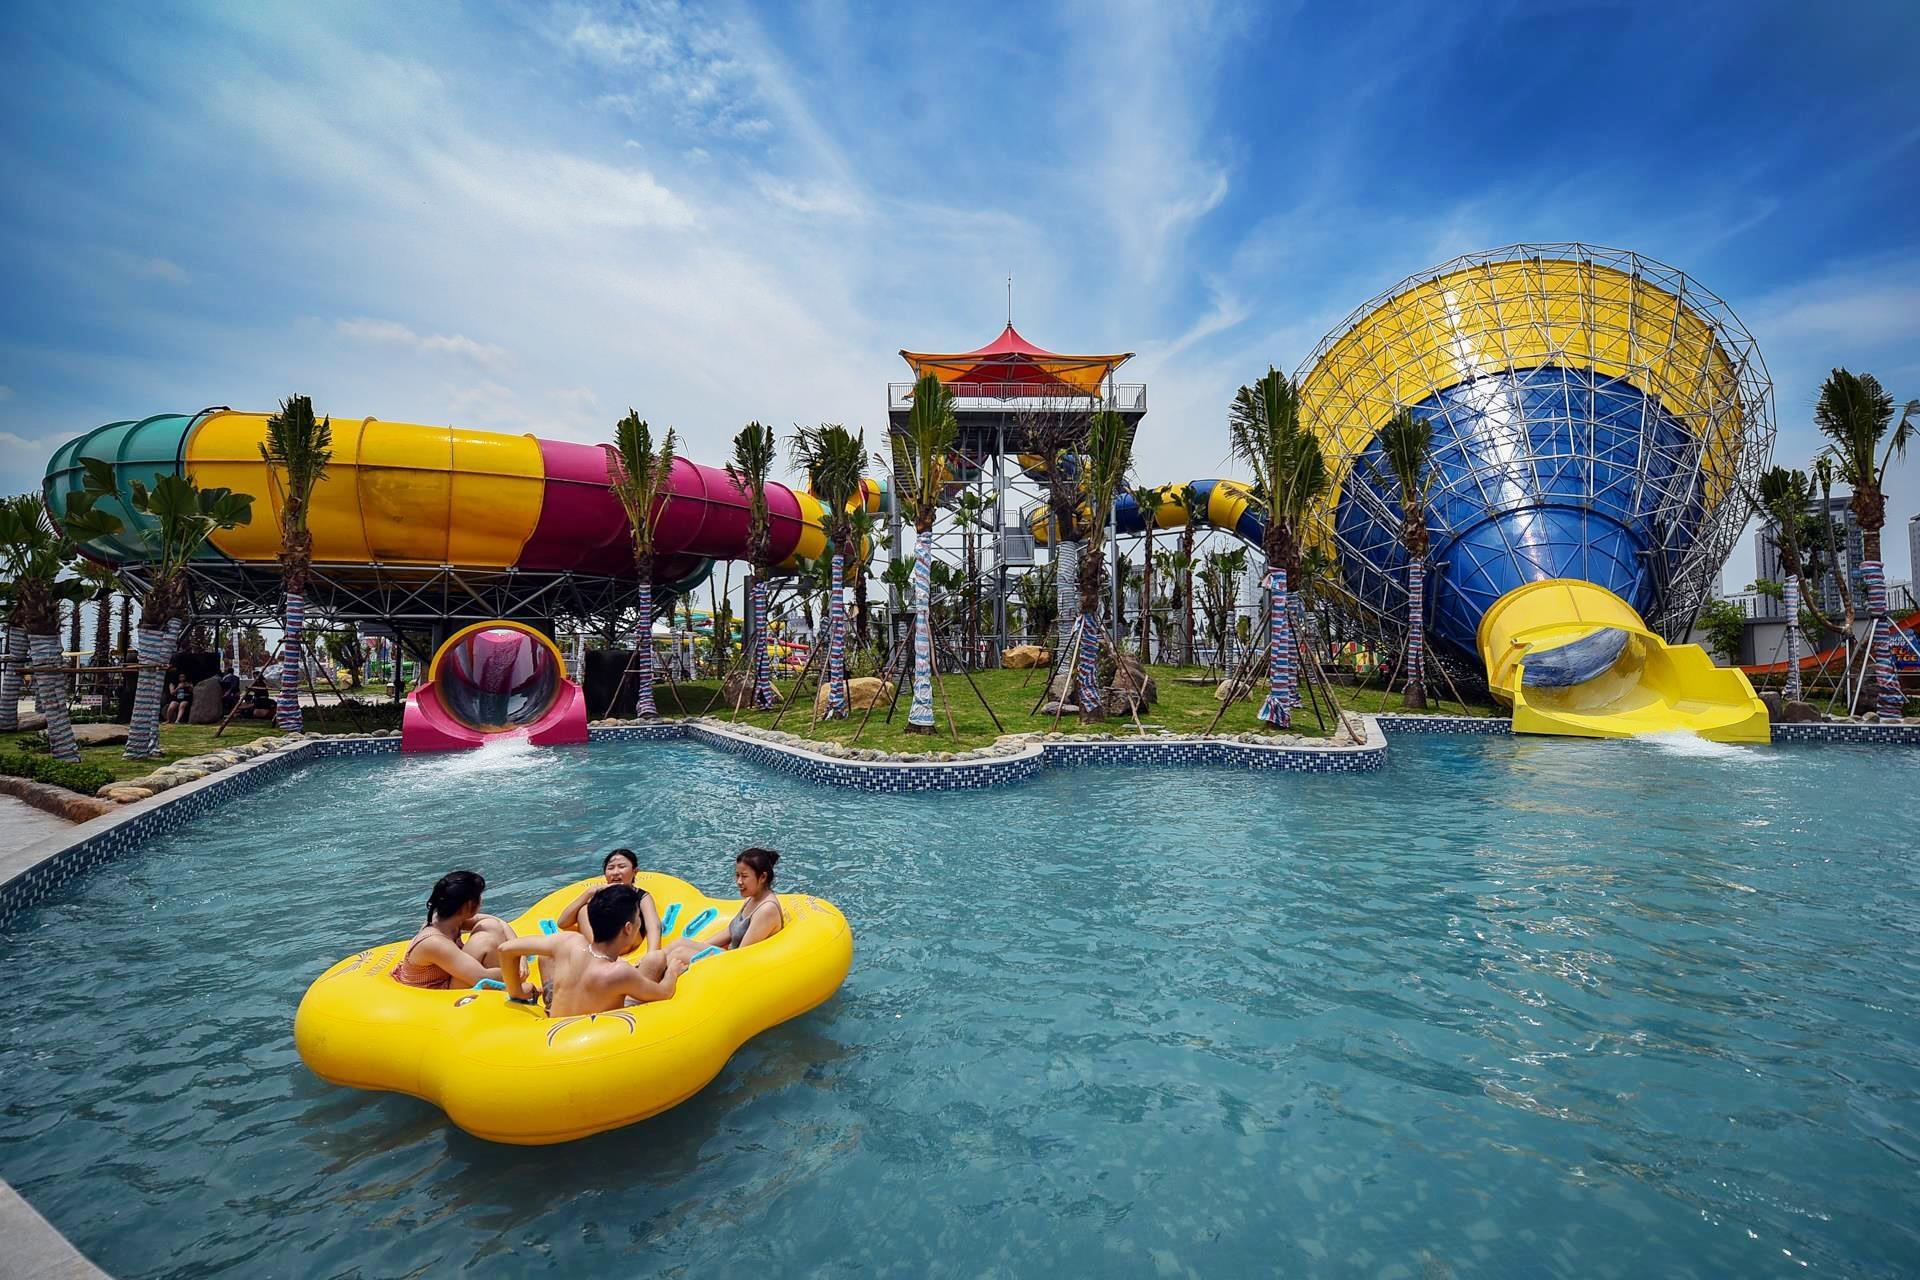 Trong buổi sáng ngày khai trương, lượng khách đổ về vui chơi khá thưa thớt, dù Hà Nội nắng nóng 39 độ C.